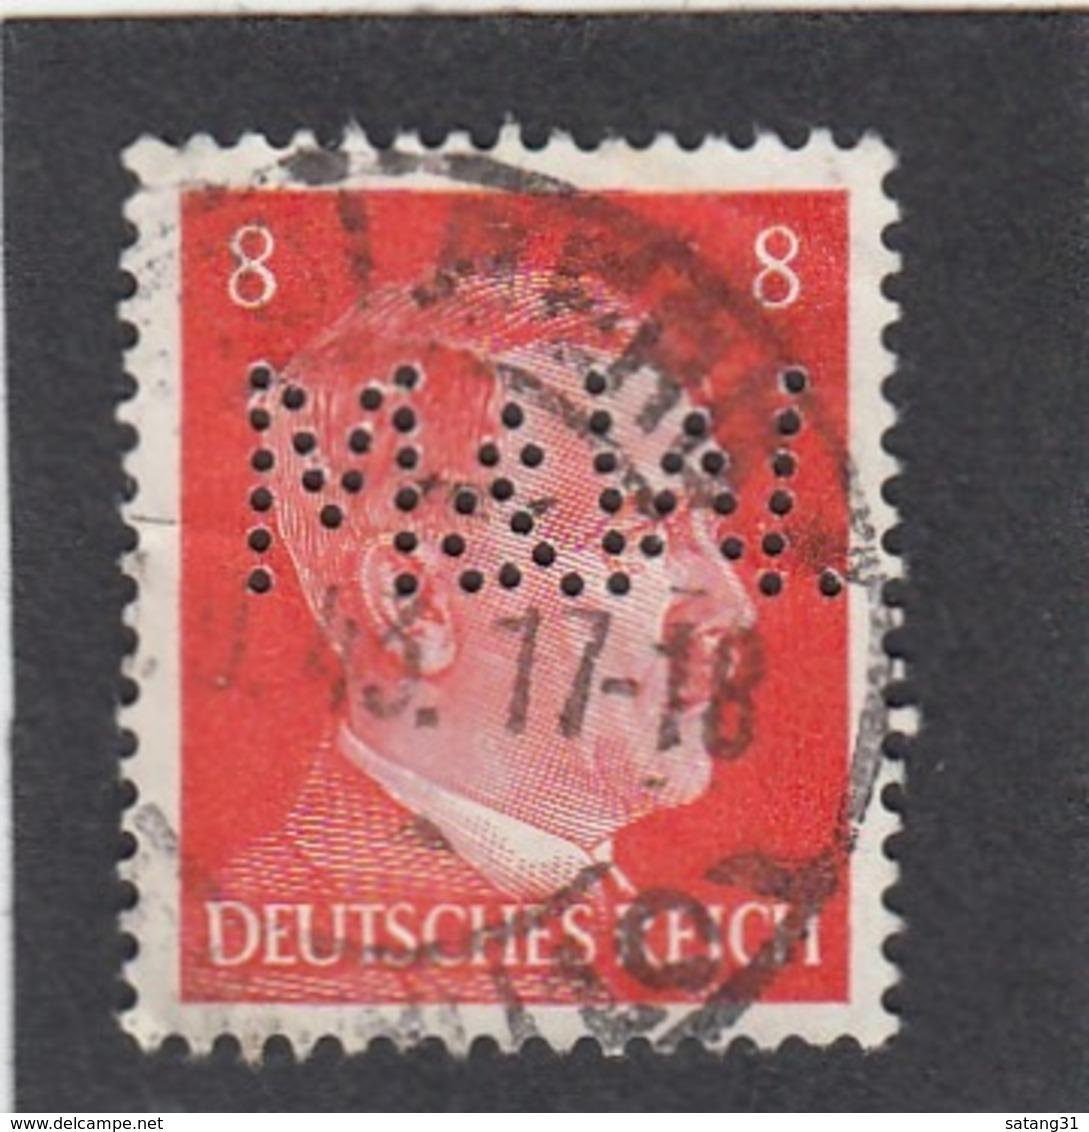 PERFIN/PERFORATION/FIRMENLOCHUNG . A. H. KOPF 8 PF. - Deutschland